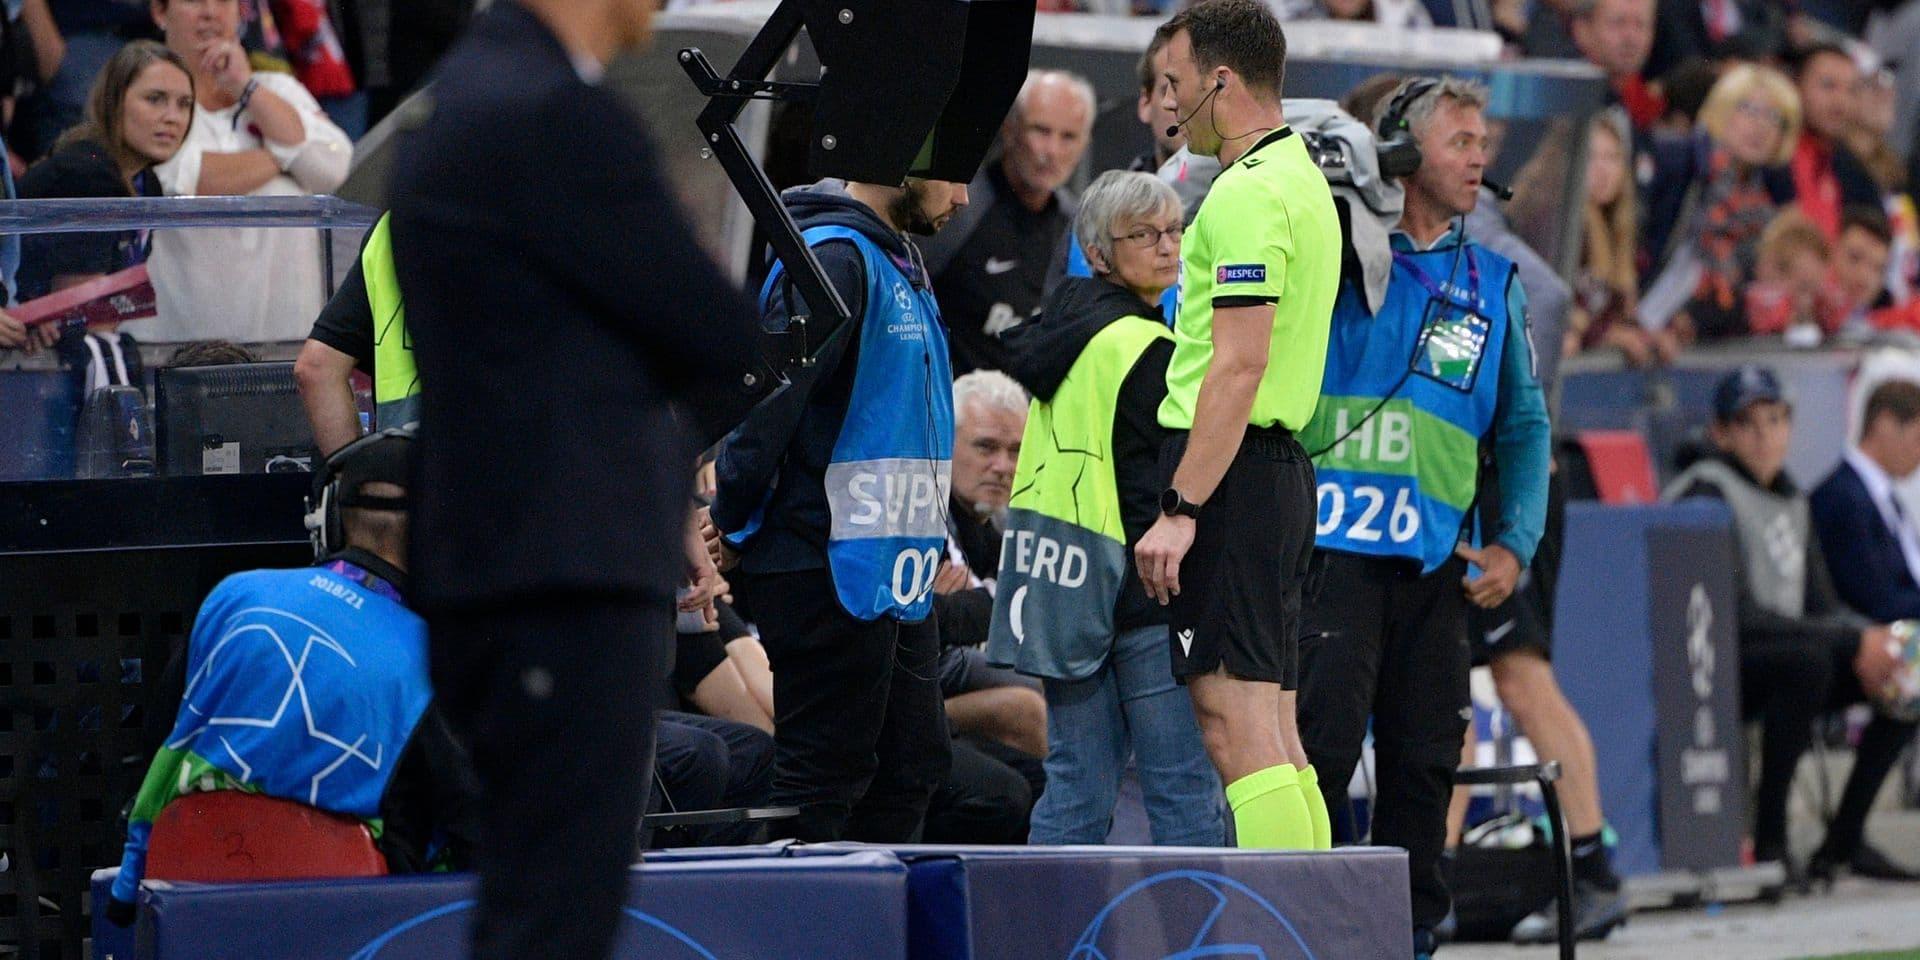 Le VAR ne fonctionnait pas car un employé du stade avait débranché le câble pour... charger son téléphone !